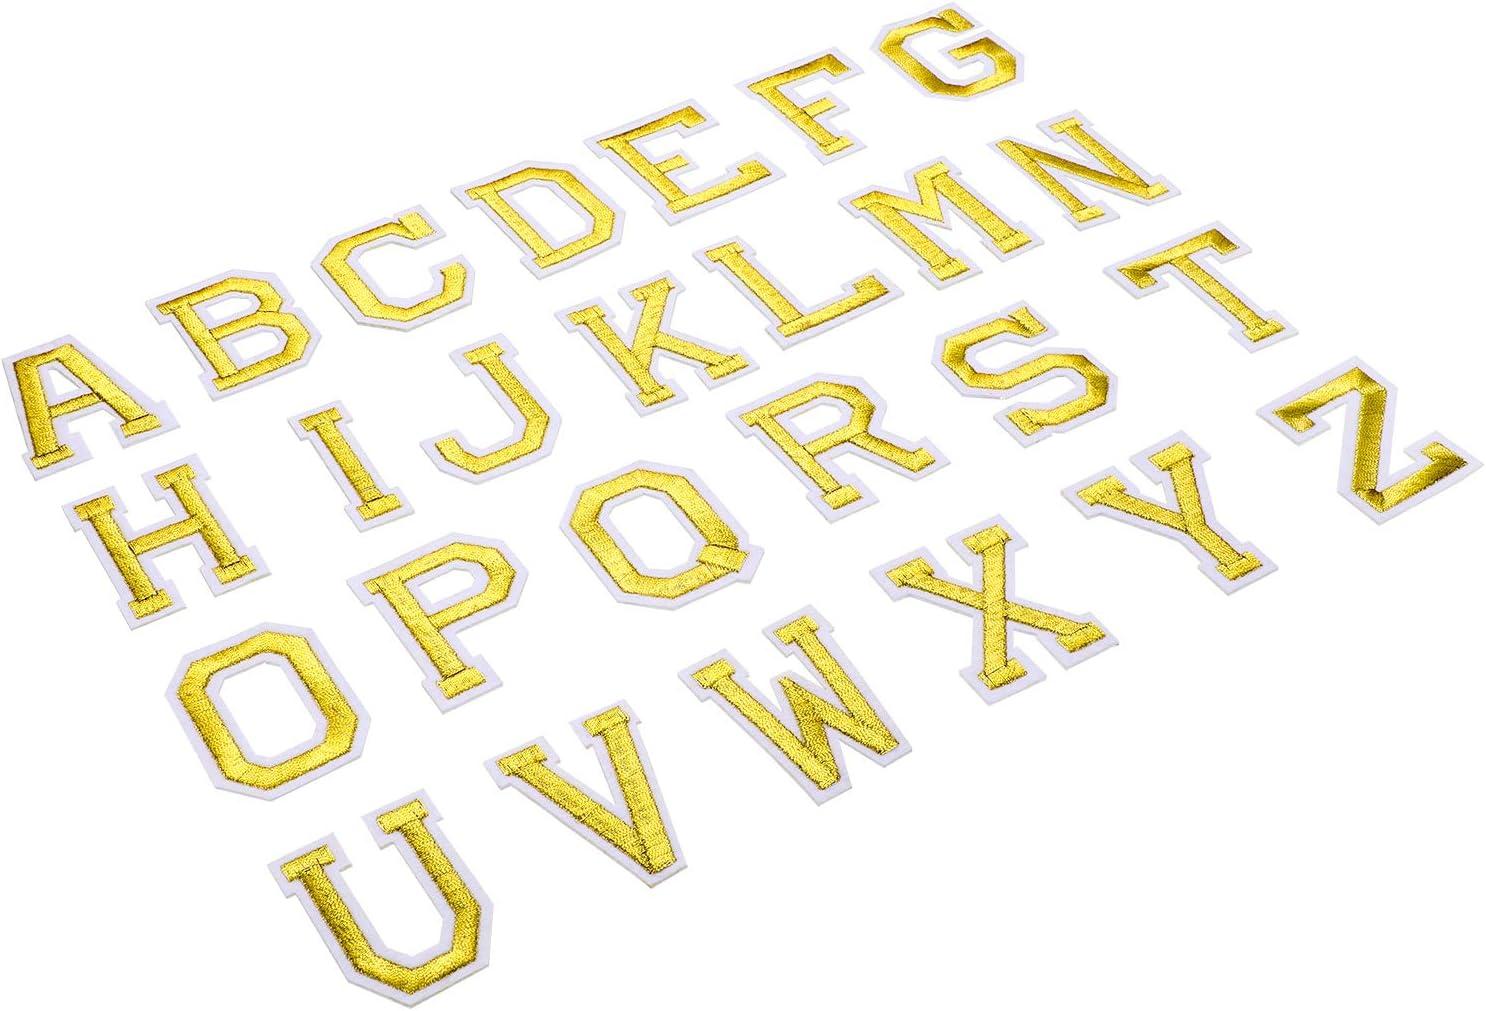 Dorado 52 Piezas Parche de Planchar en Letras Apliques de Alfabetos de Costura con Letra Adhesiva Planchada Parche Decorativa de Reparaci/ón Bordado de A-Z para Zapatos Sombrero Bolsa Ropa